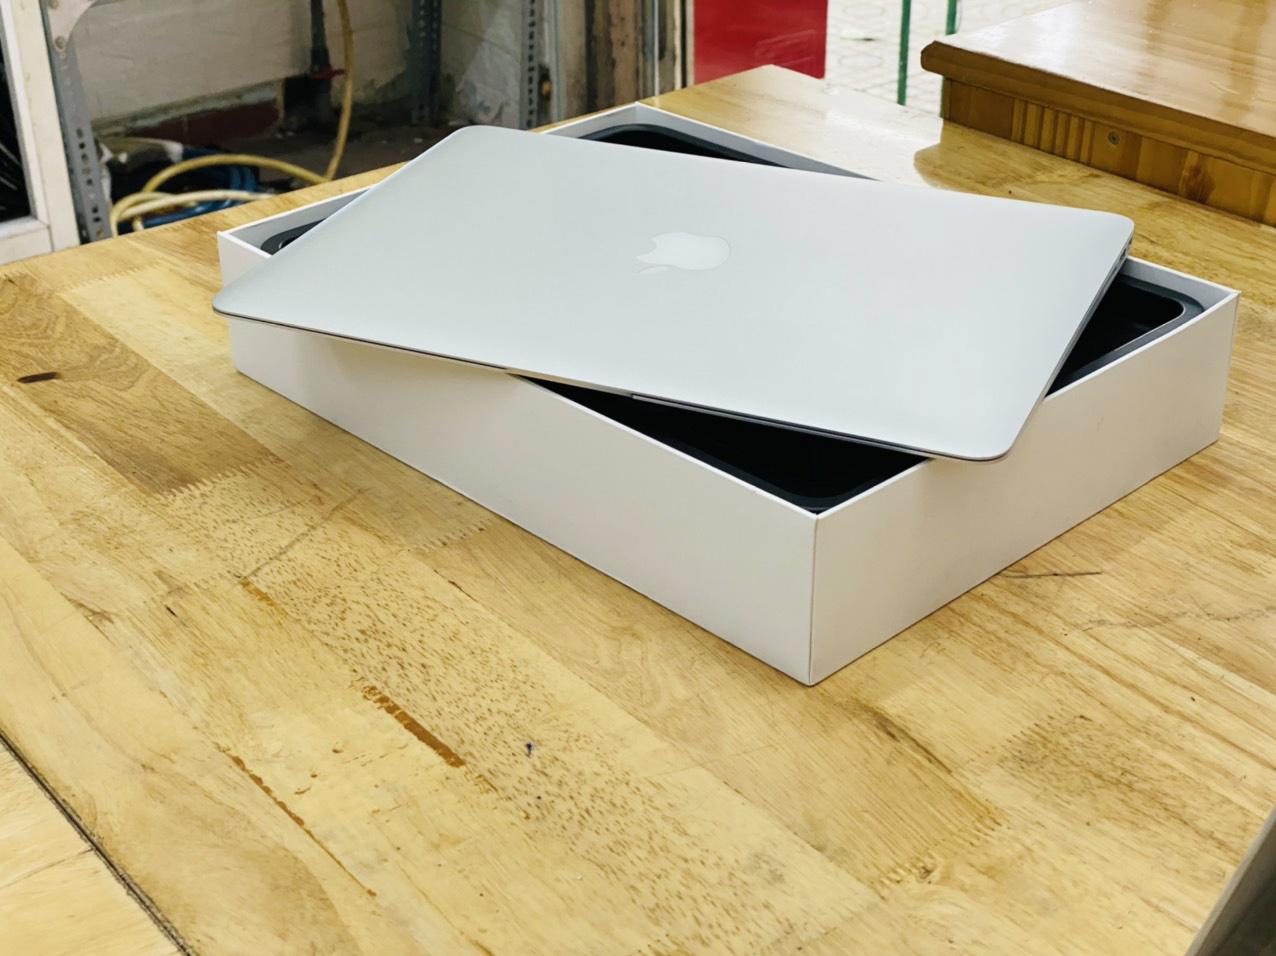 Macbook Air 13-inch 2017 i5